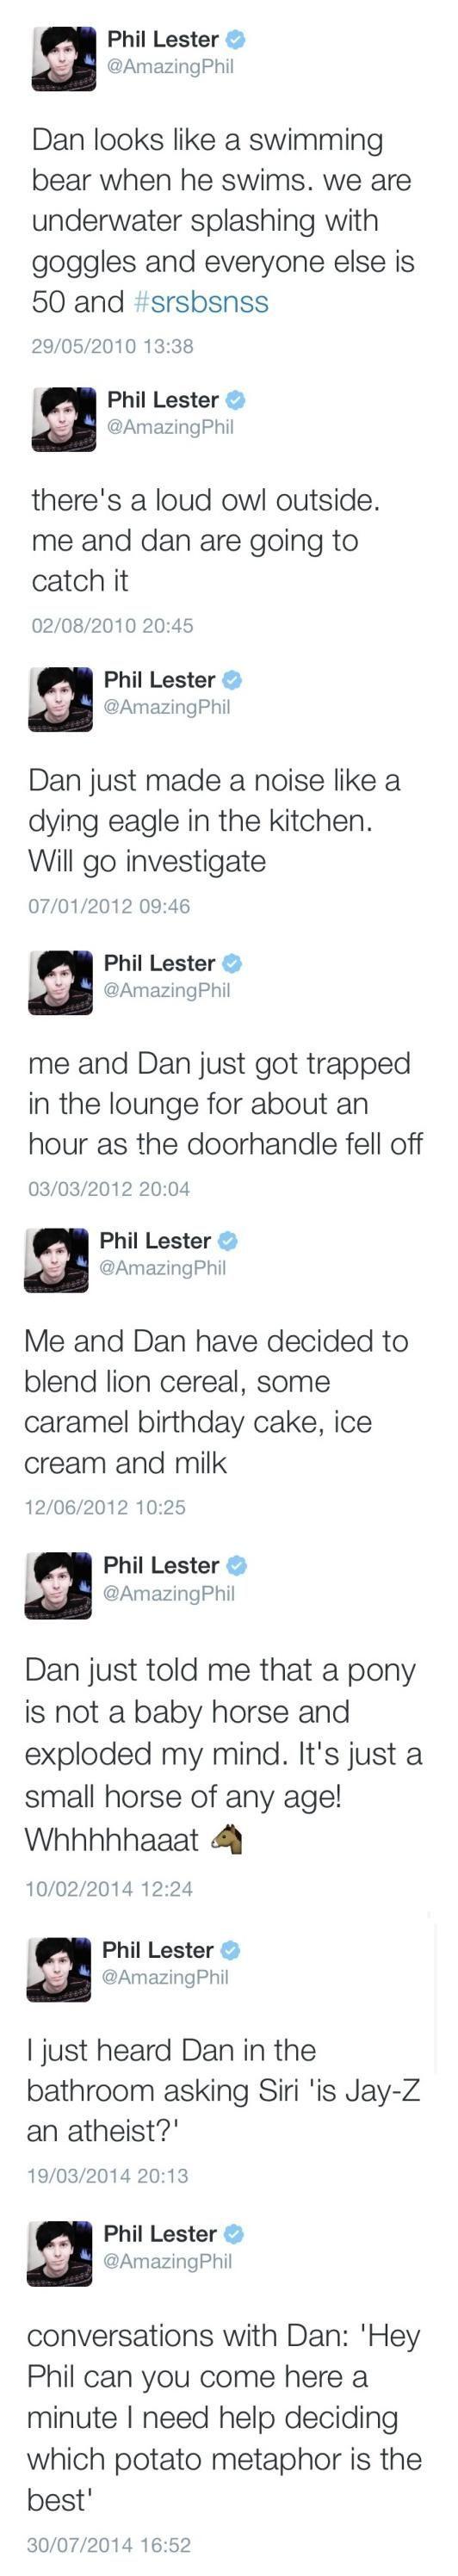 Phil's tweets including Dan: